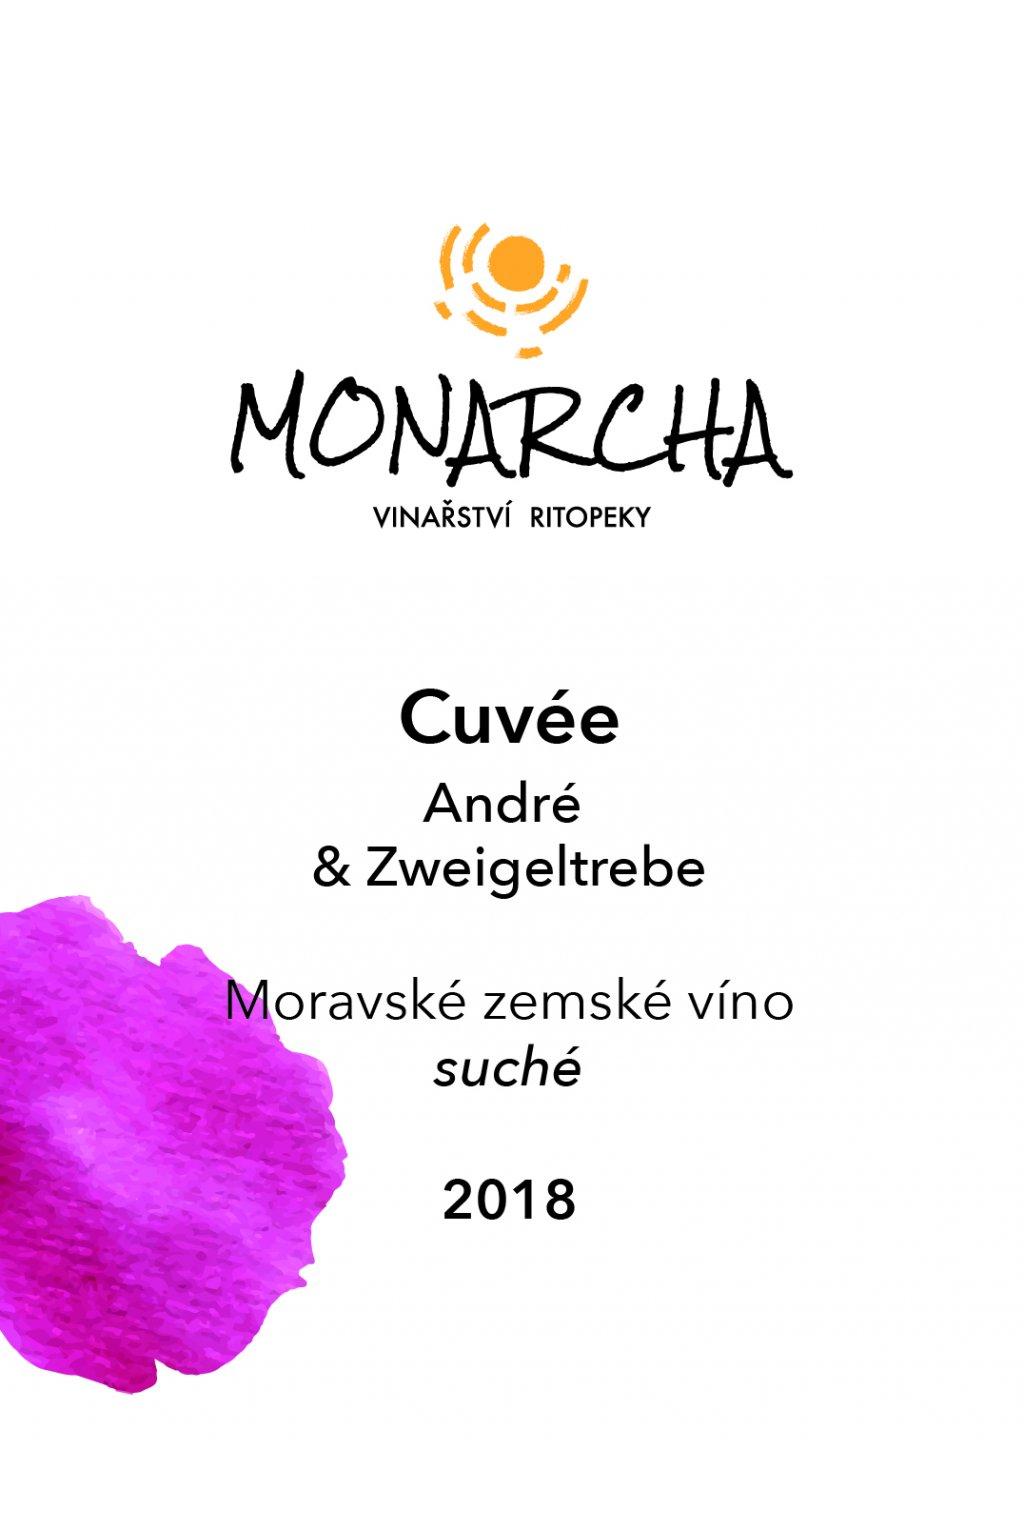 monarcha Cuvee An Zw suche